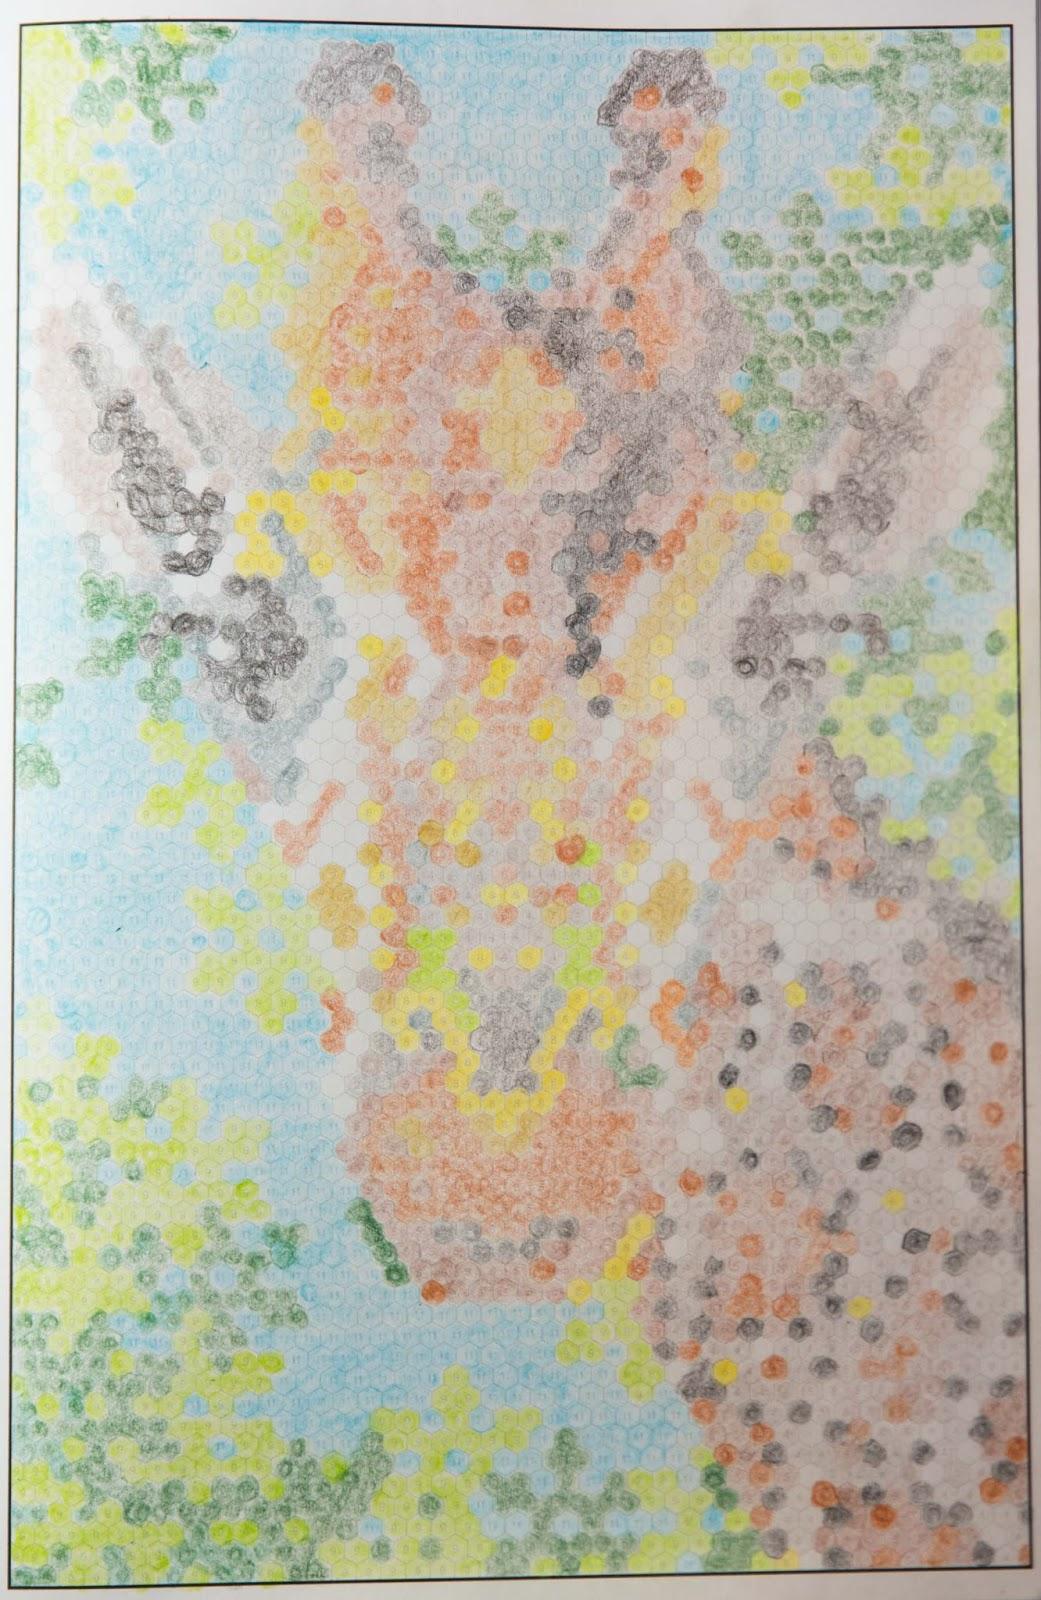 Kleurplaten Voor Volwassenen Met Nummers.Mijn Bevindingen Met Kleuren Op Nummer Extreme Kleurpuzzels Voor